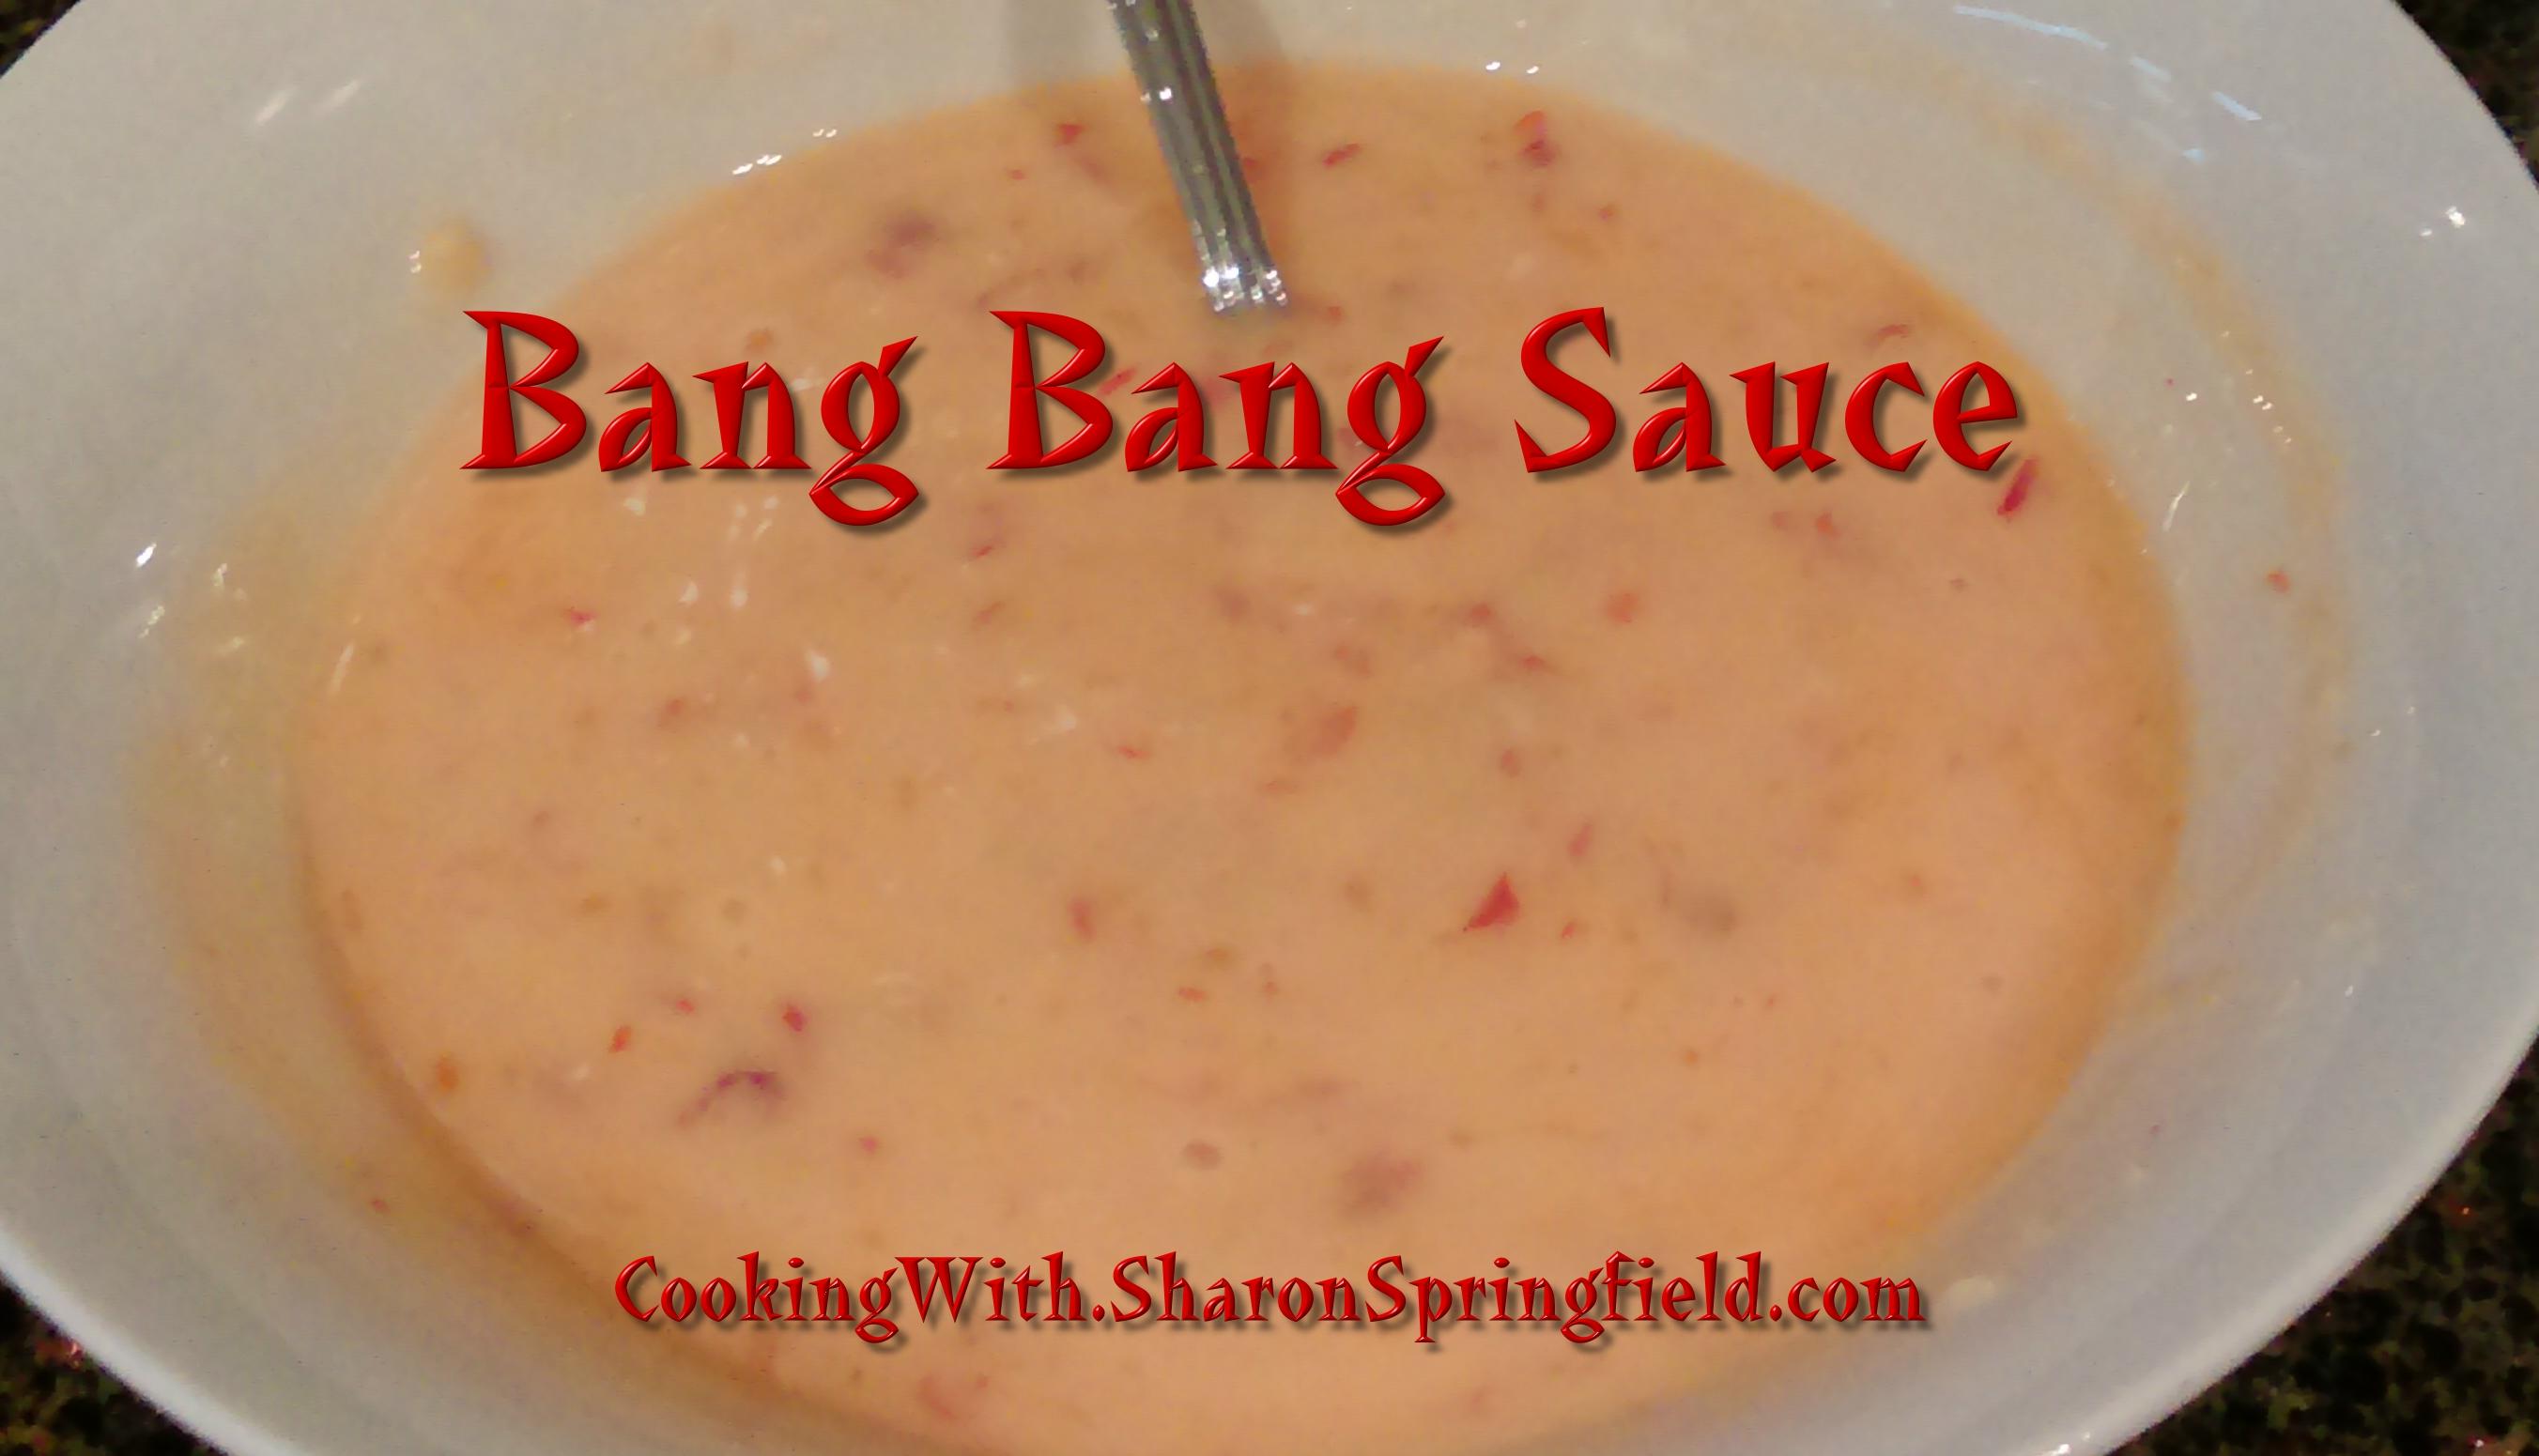 bang_bang_sauce